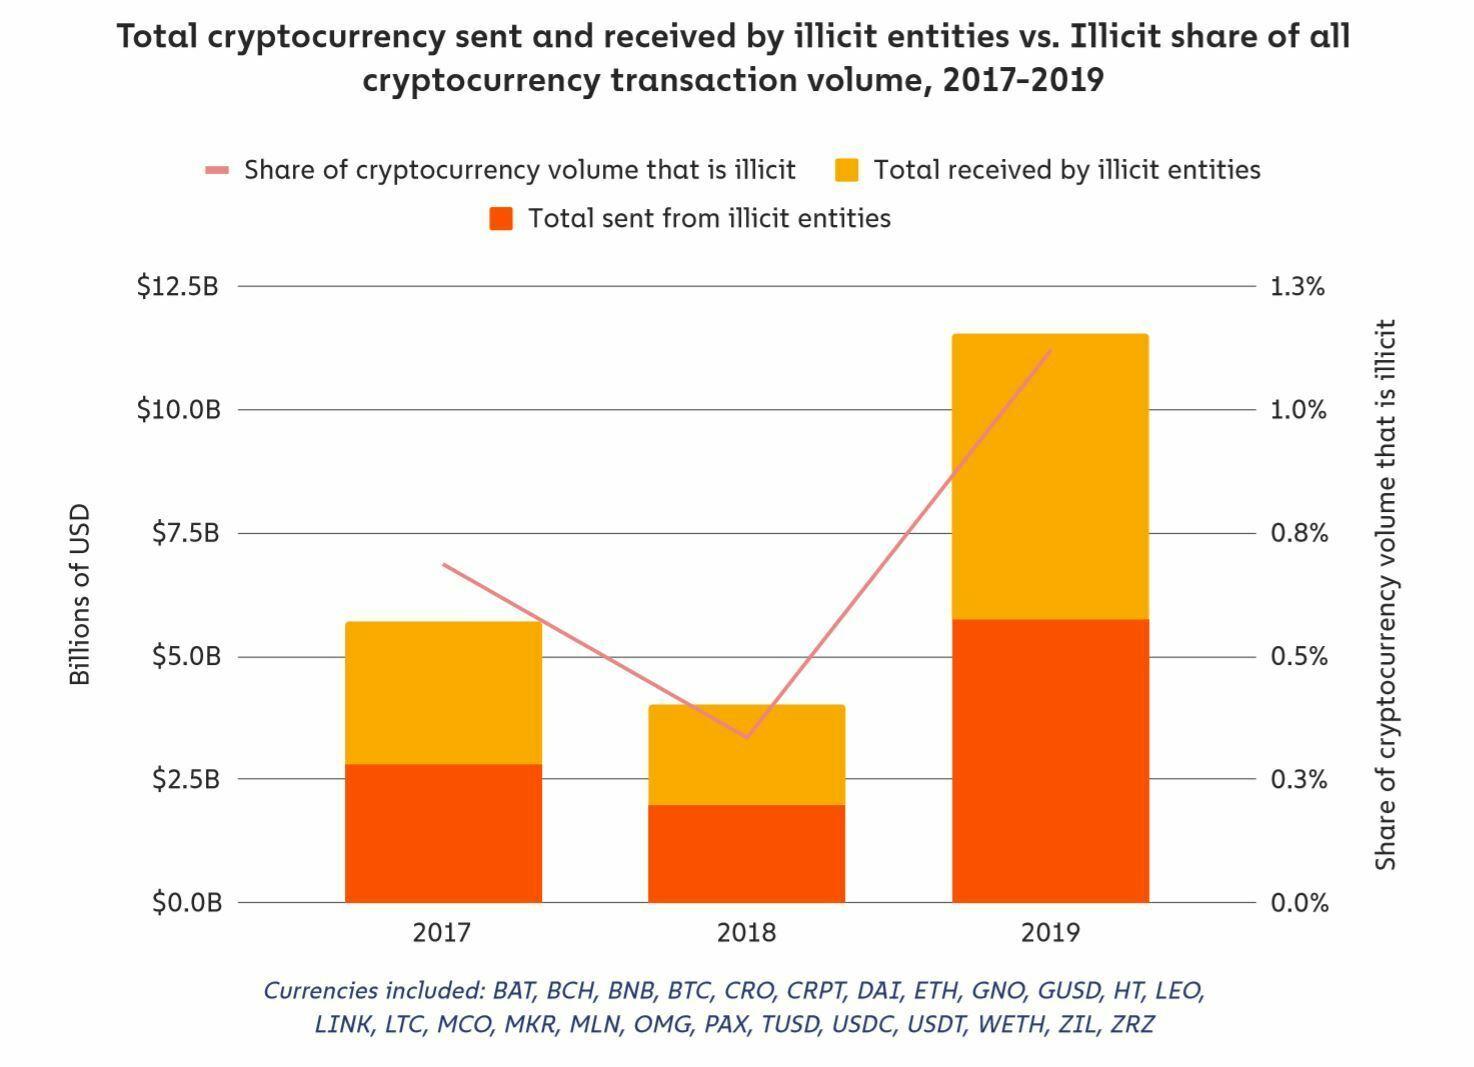 Histrogramme montrant le total des cryptomonnaies envoyées et reçues par des entités illicites de 2017 à 2019.